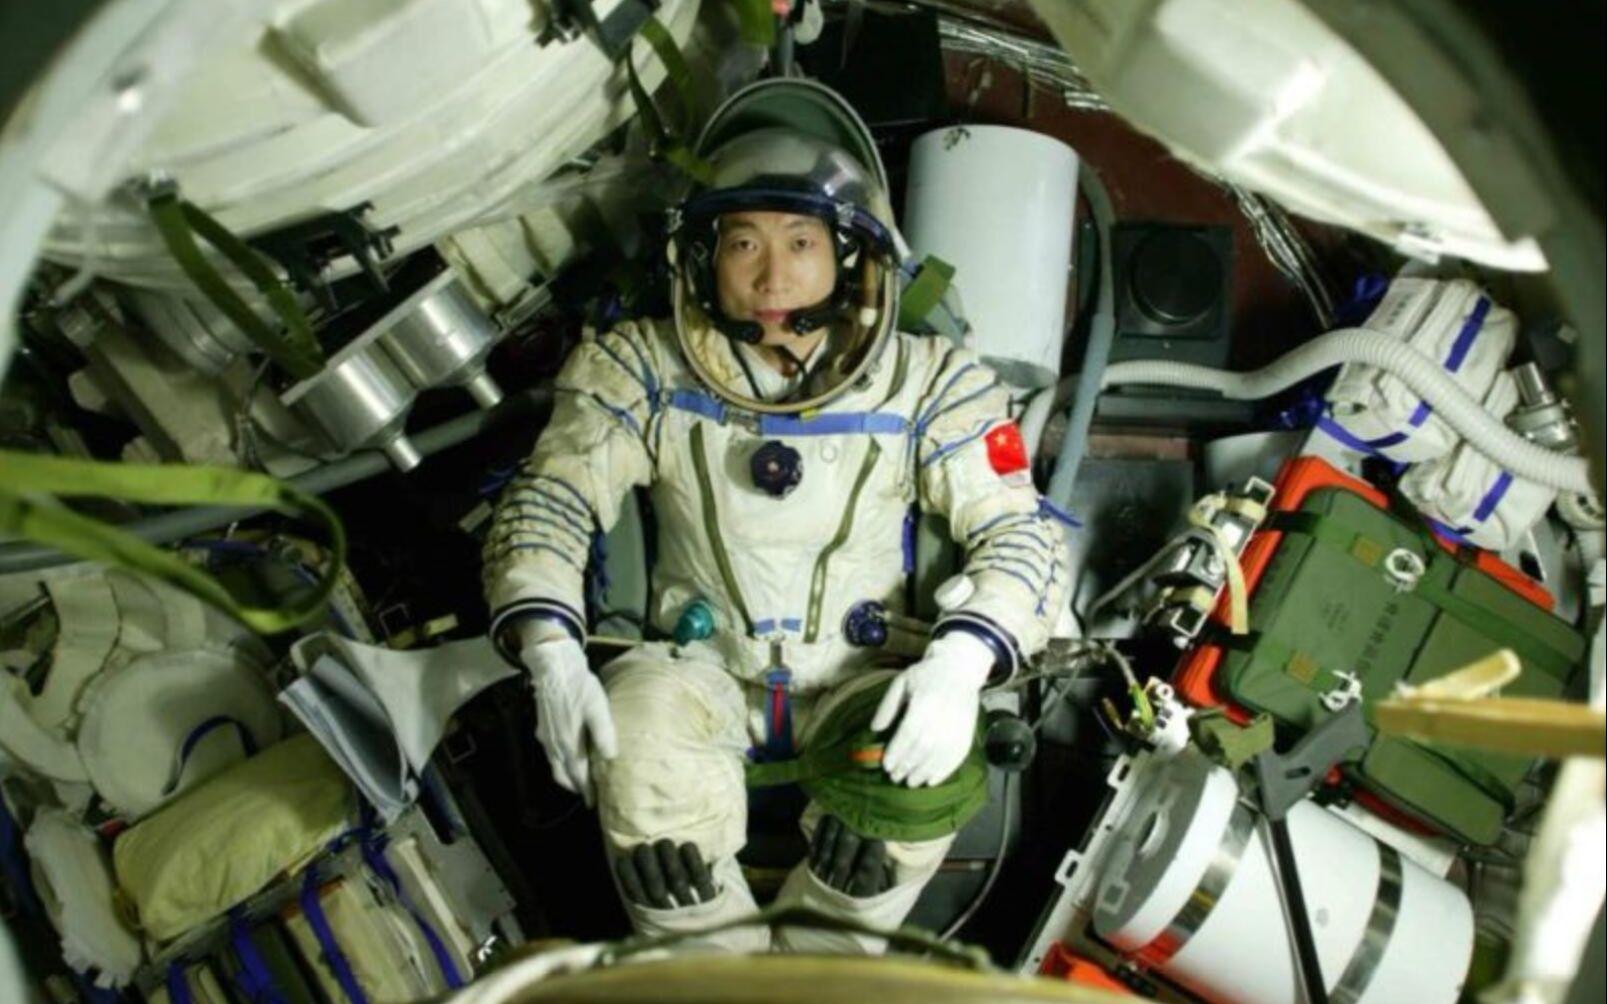 (Astronaut Yang Liwei u letjelici Shenzhou 5 tijekom misije koju je prekinulo neobično kucanje. Izvor: China.org.cn)